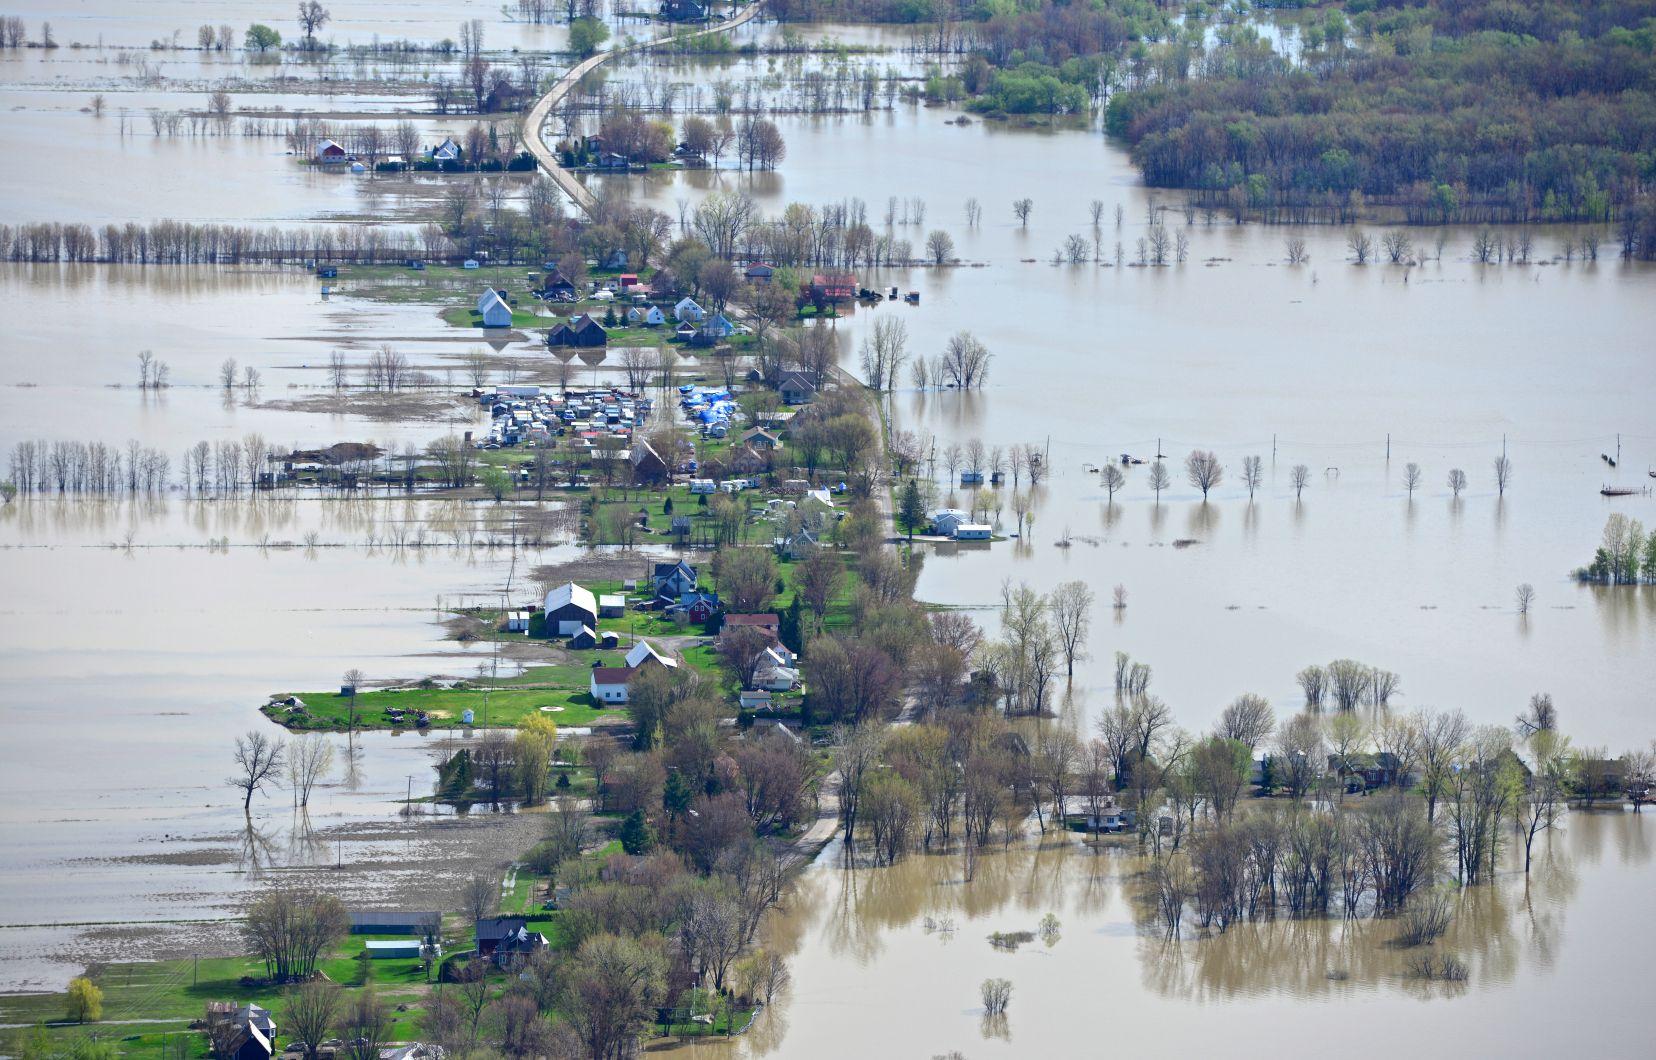 S'inspirer Du Passé Pour Faire Face Aux Catastrophes avec Jeux De Catastrophe Naturel Gratuit